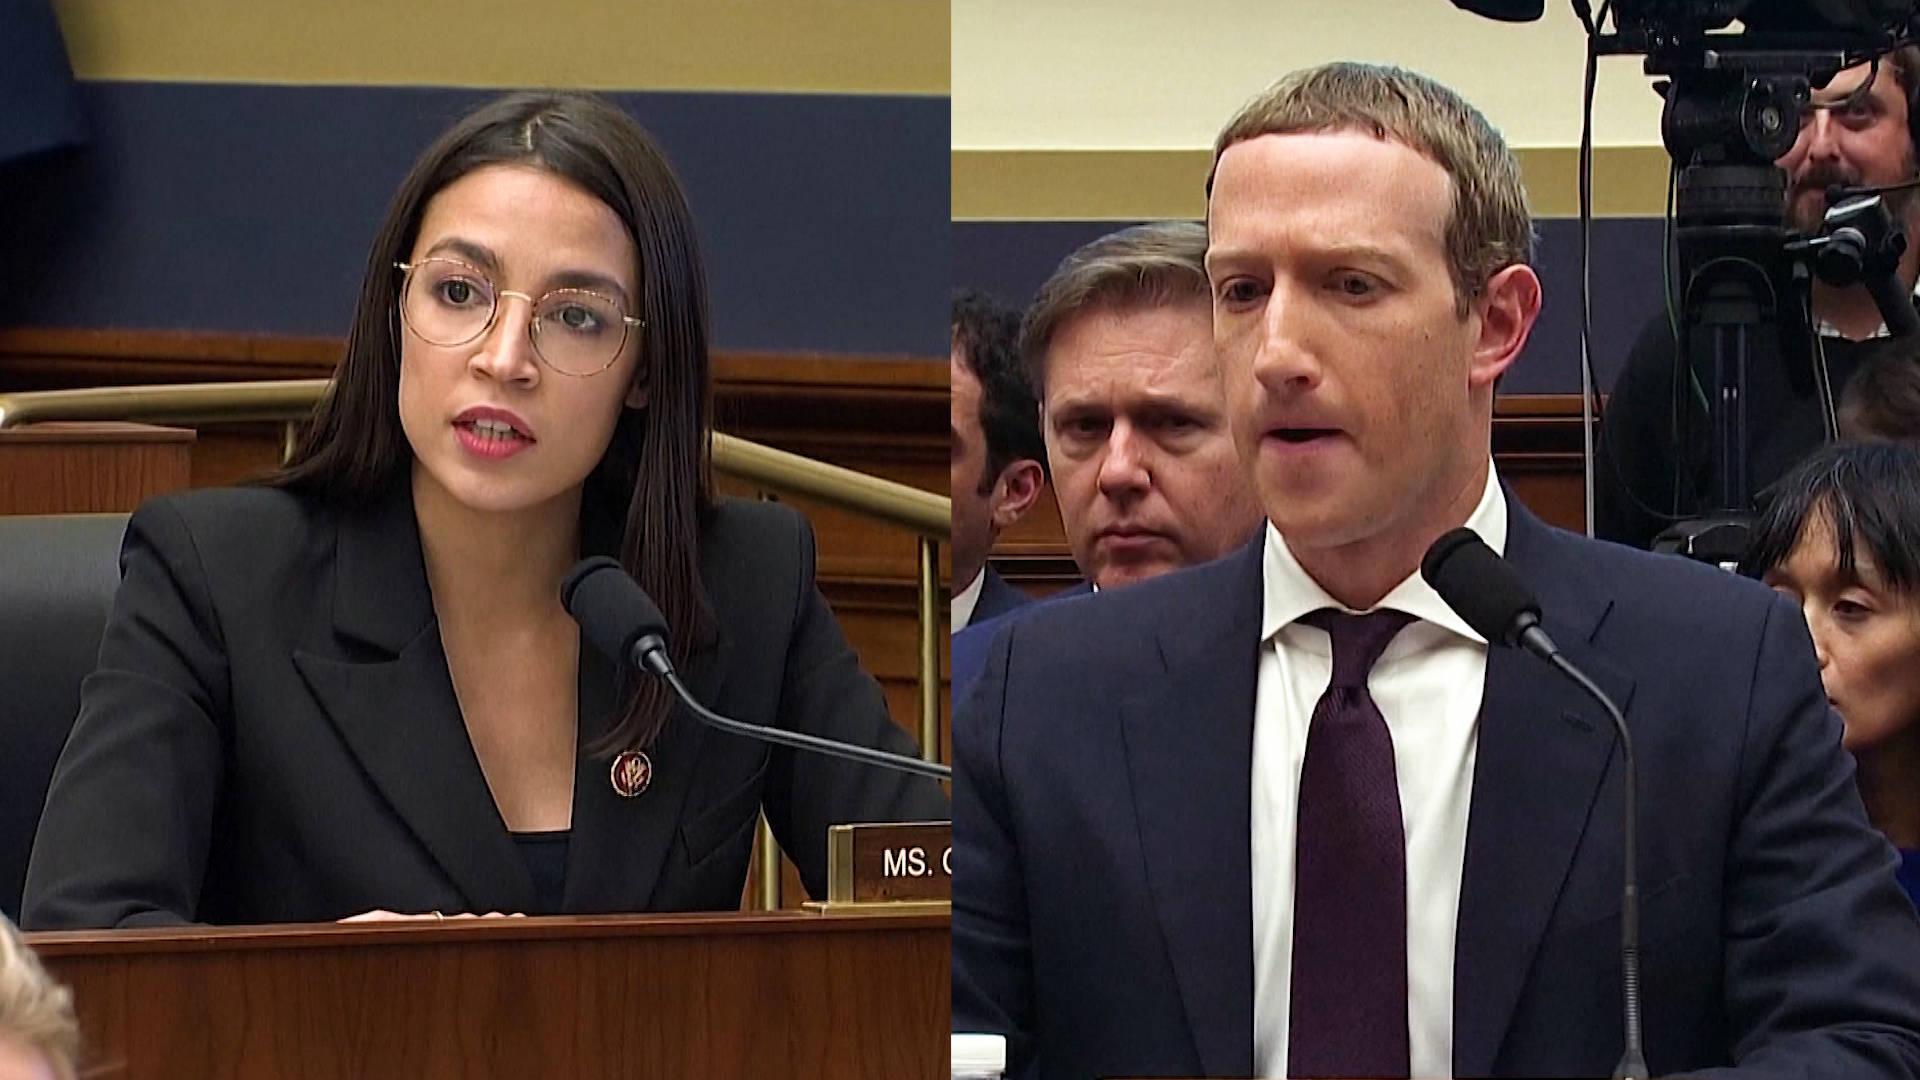 Ocasio-Cortez cuoce Zuckerberg sulla griglia